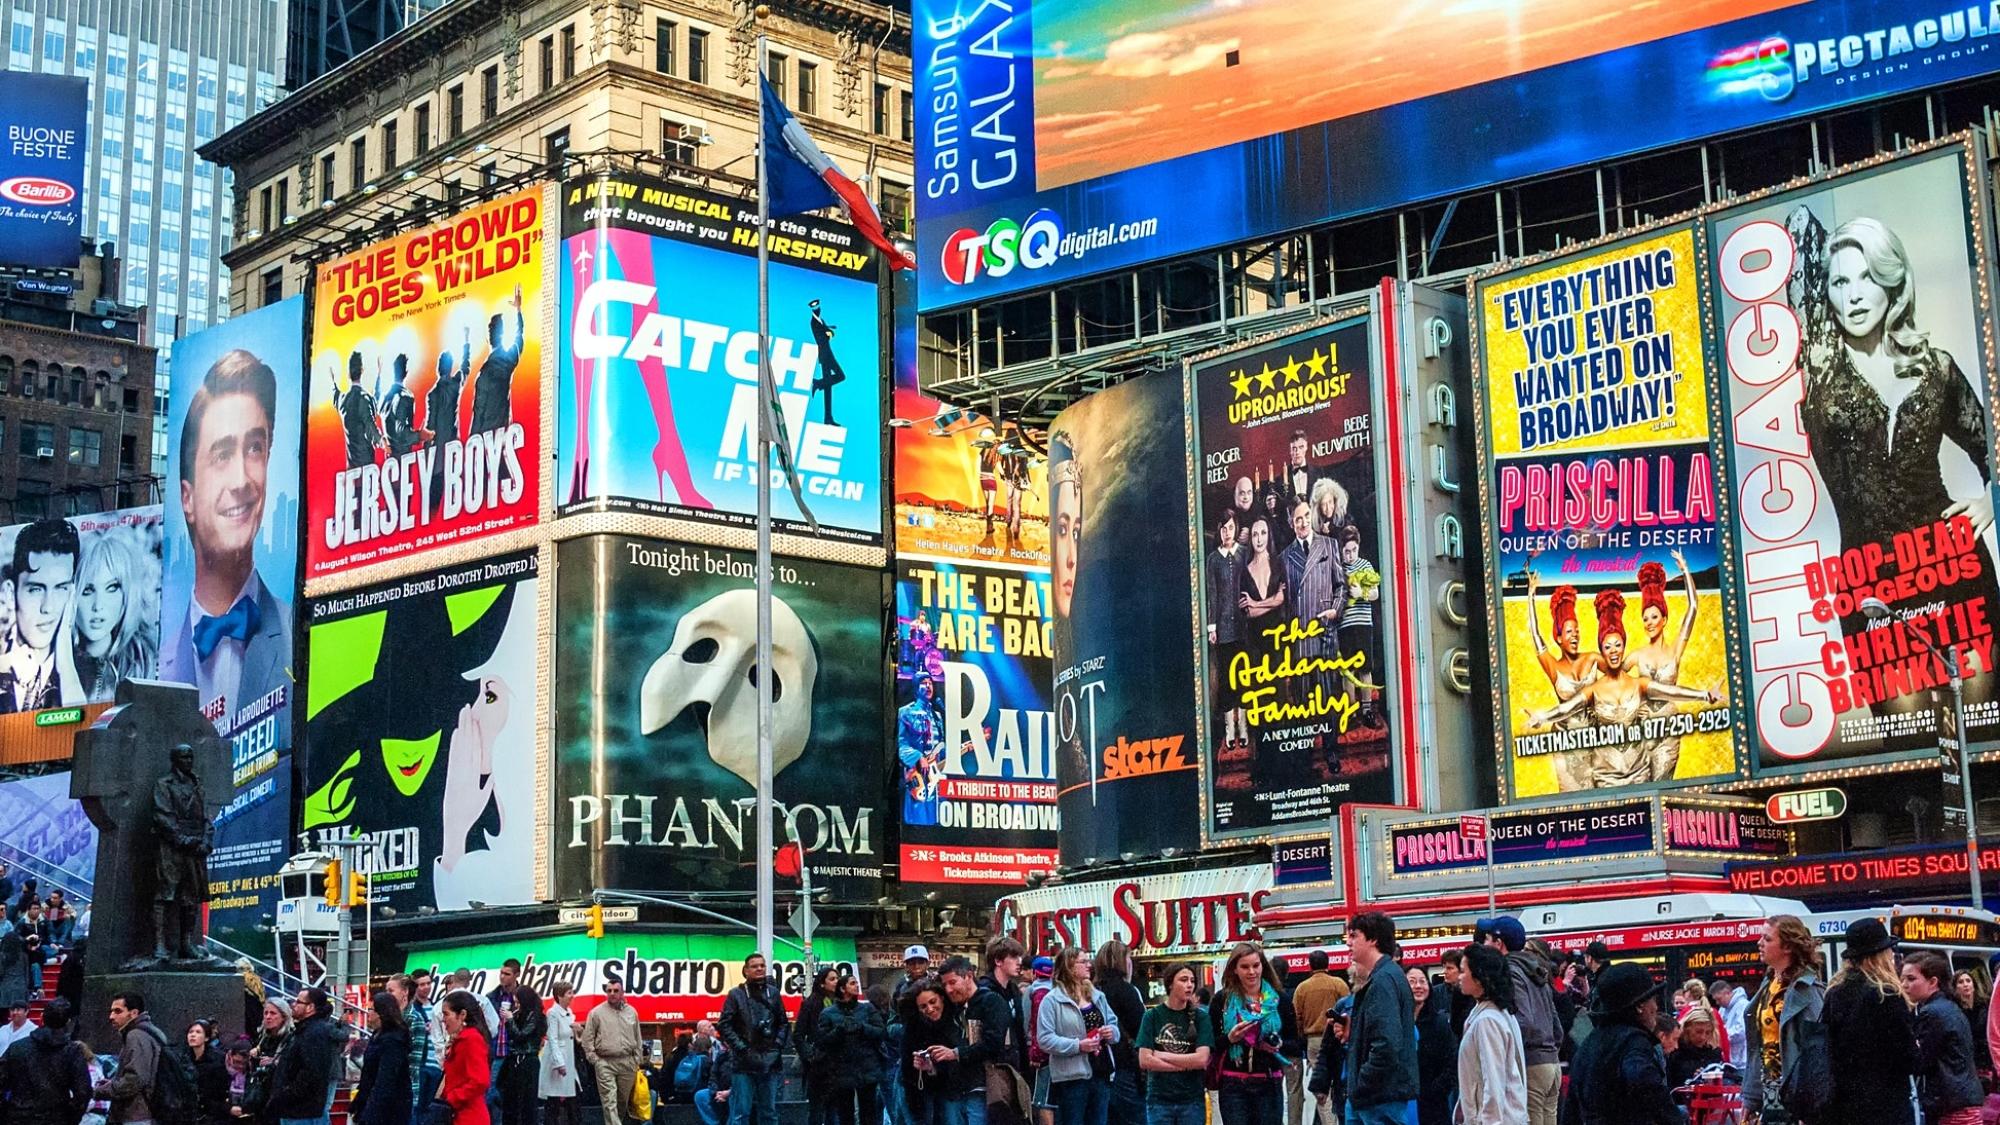 百老彙的劇院在2020年關閉©Allen.G / Shutterstock